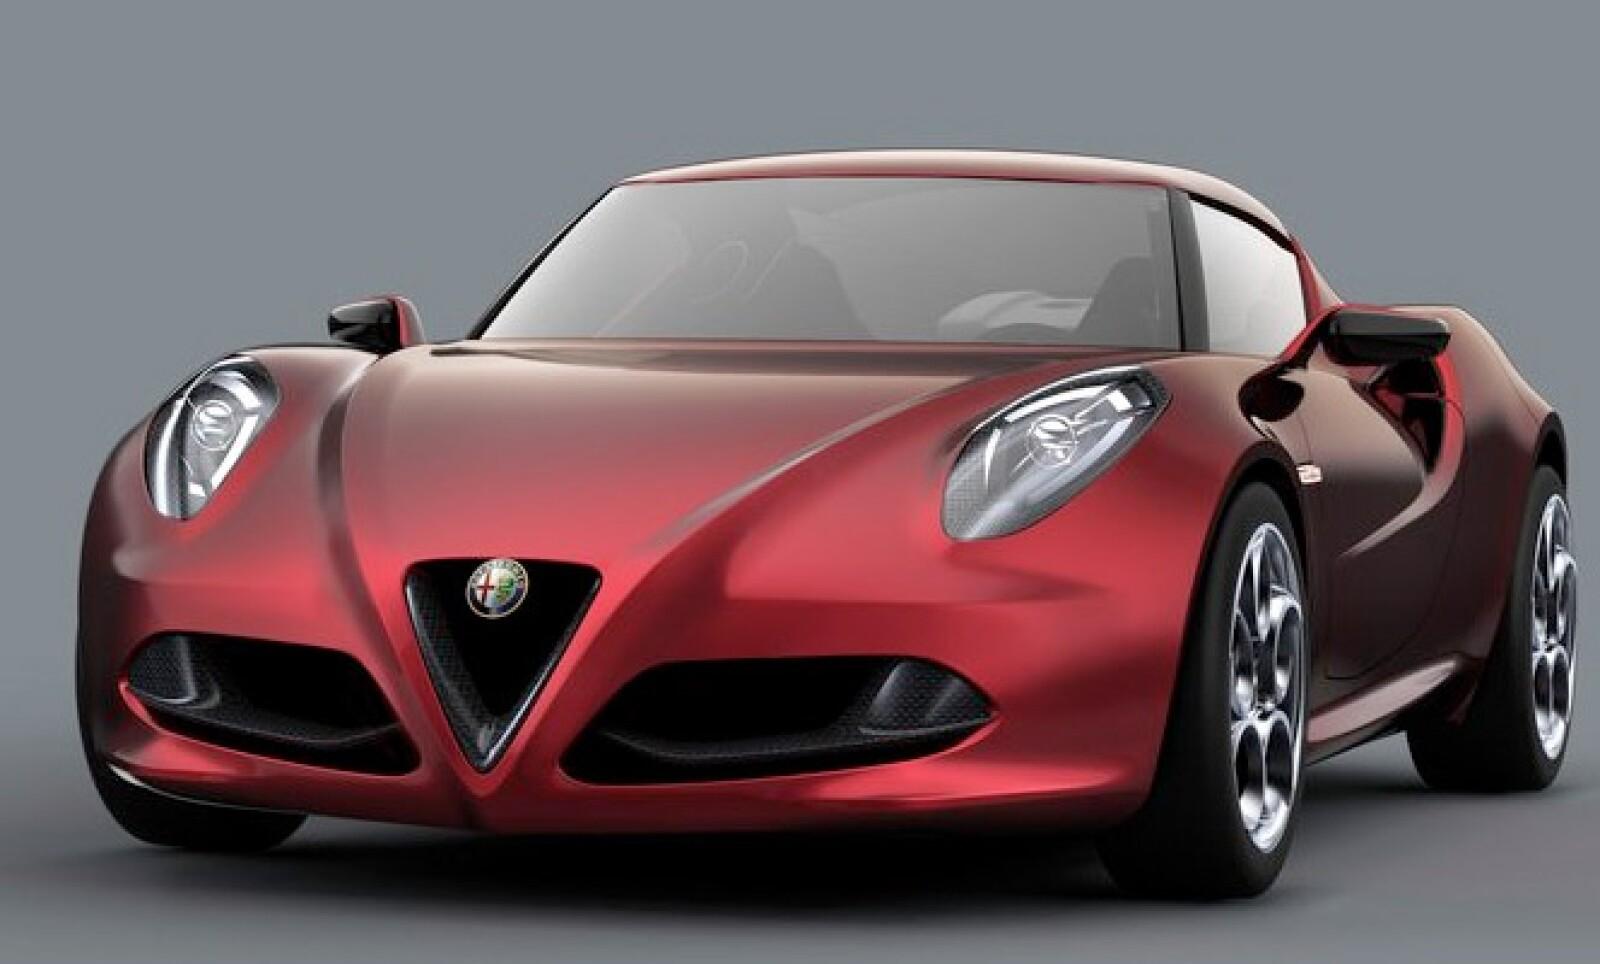 Este vehículo empezará su producción en 2012 y tendrá una velocidad máxima de 250 kilómetros por hora (km/h). Acelerará de 0 a 100 km/h en poco menos de 5 segundos.